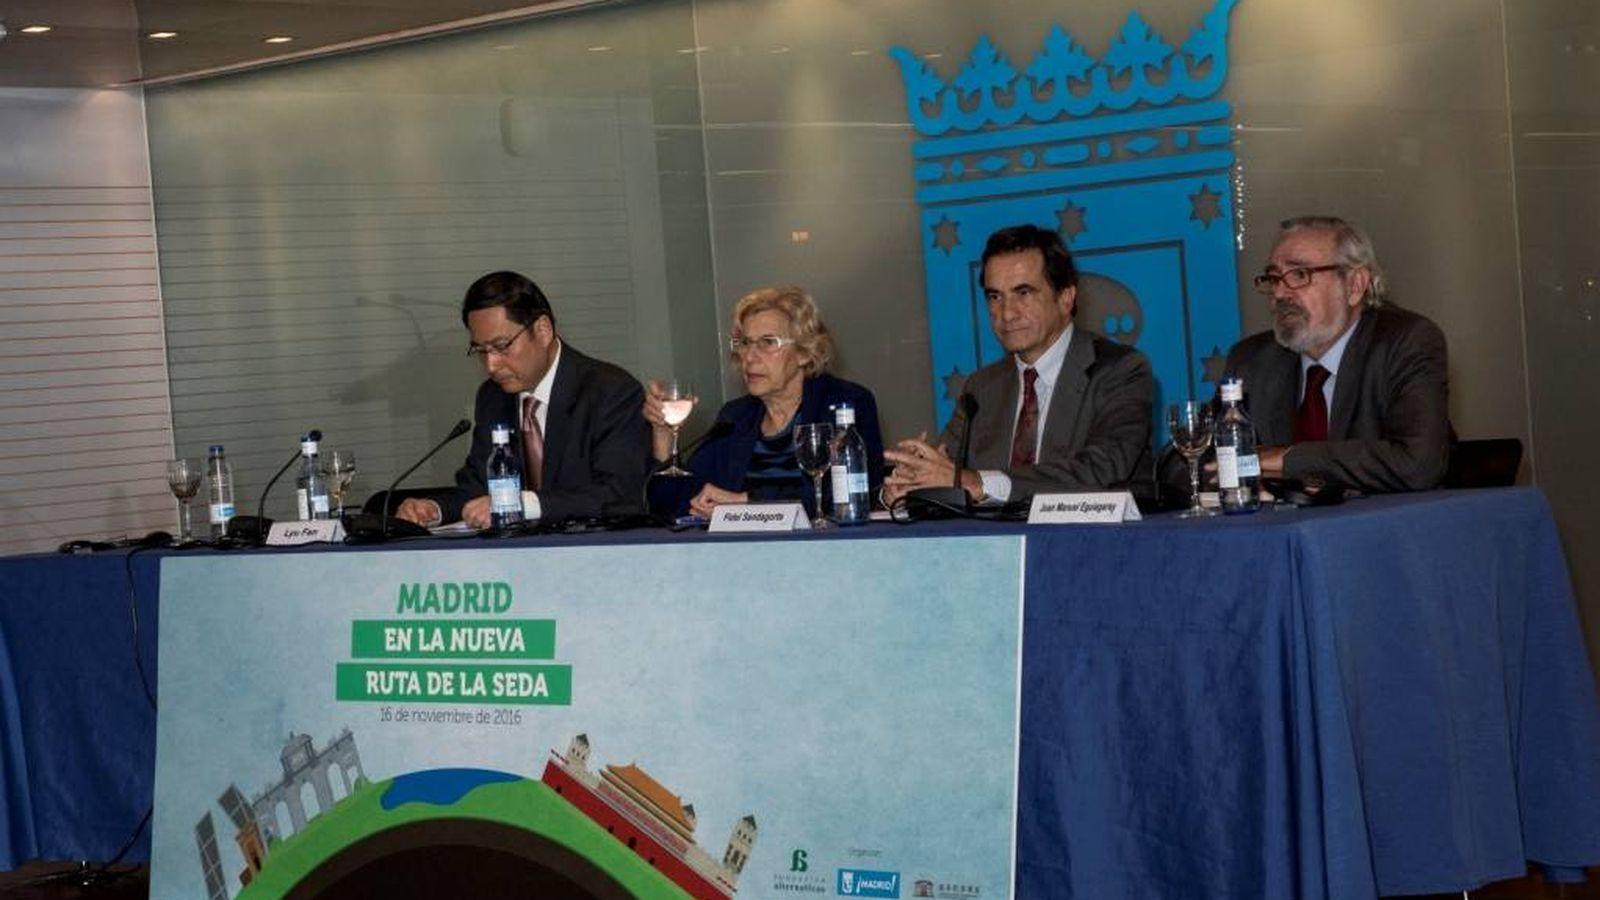 Foto: El seminario de 'Madrid en la nueva Ruta de la Seda' organizado por Fundación Alternativas. (Foto: Fundación Alternativas)